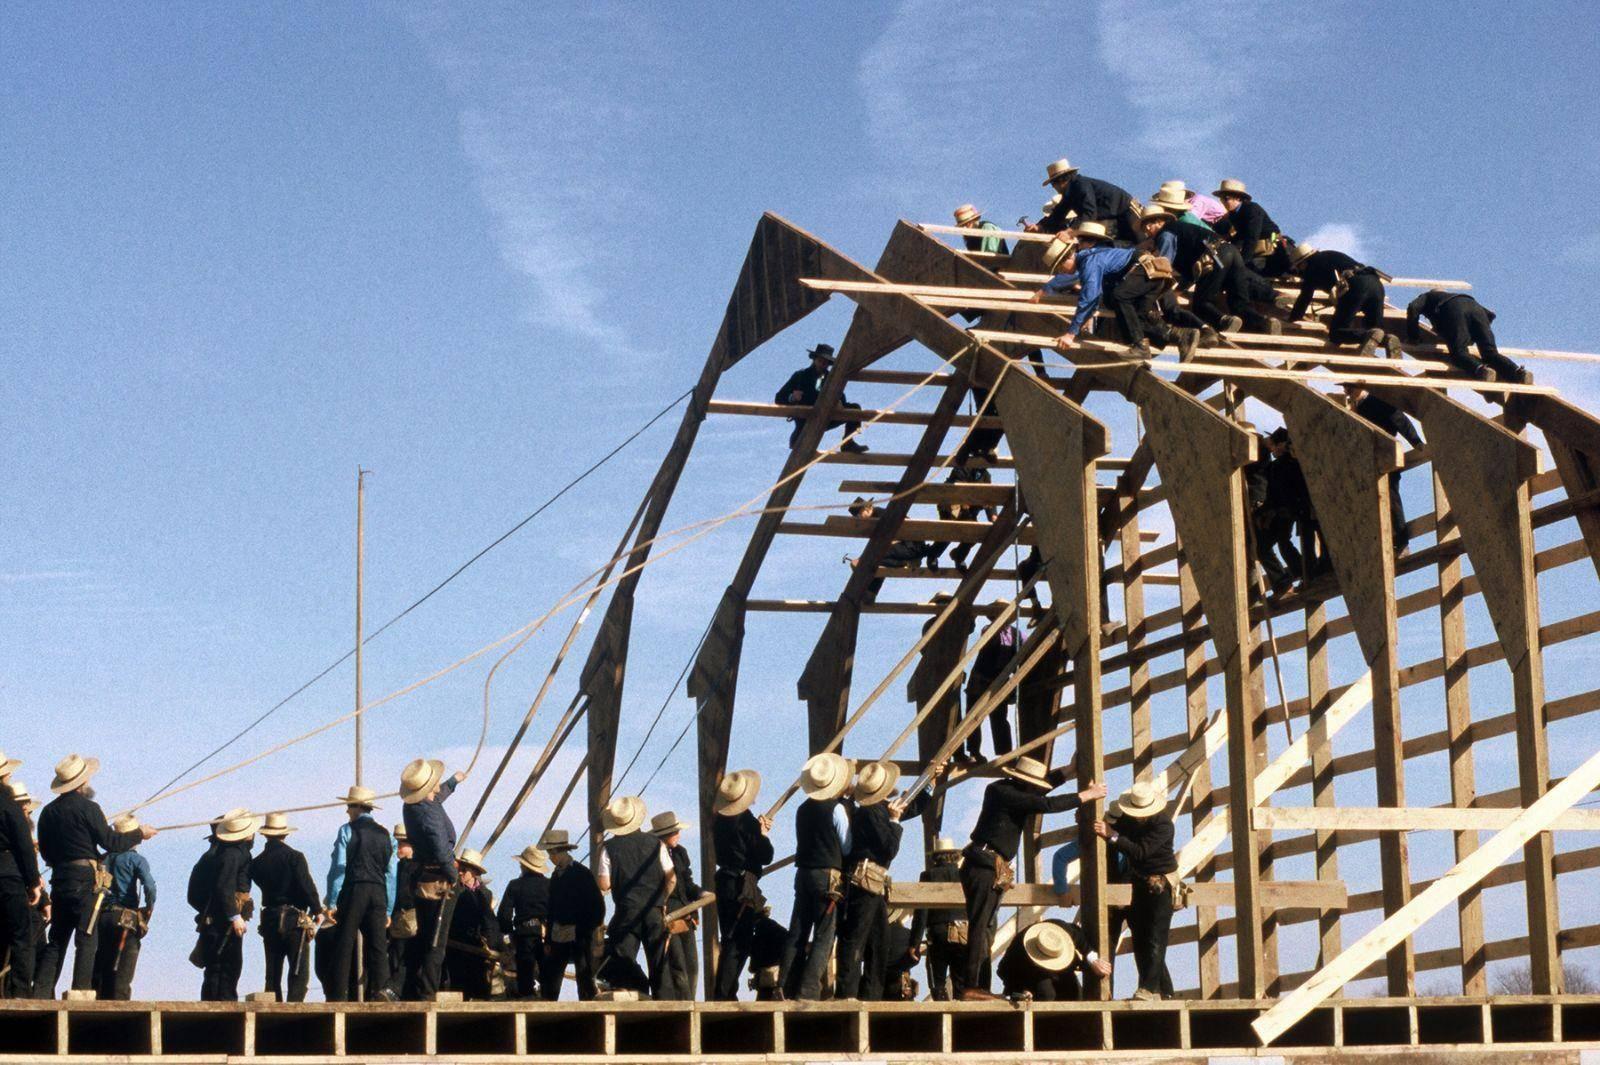 Amische errichten in den Vereinigten Staaten gemeinsam eine Scheune (DiscoverLancaster.com / Terry Ross).